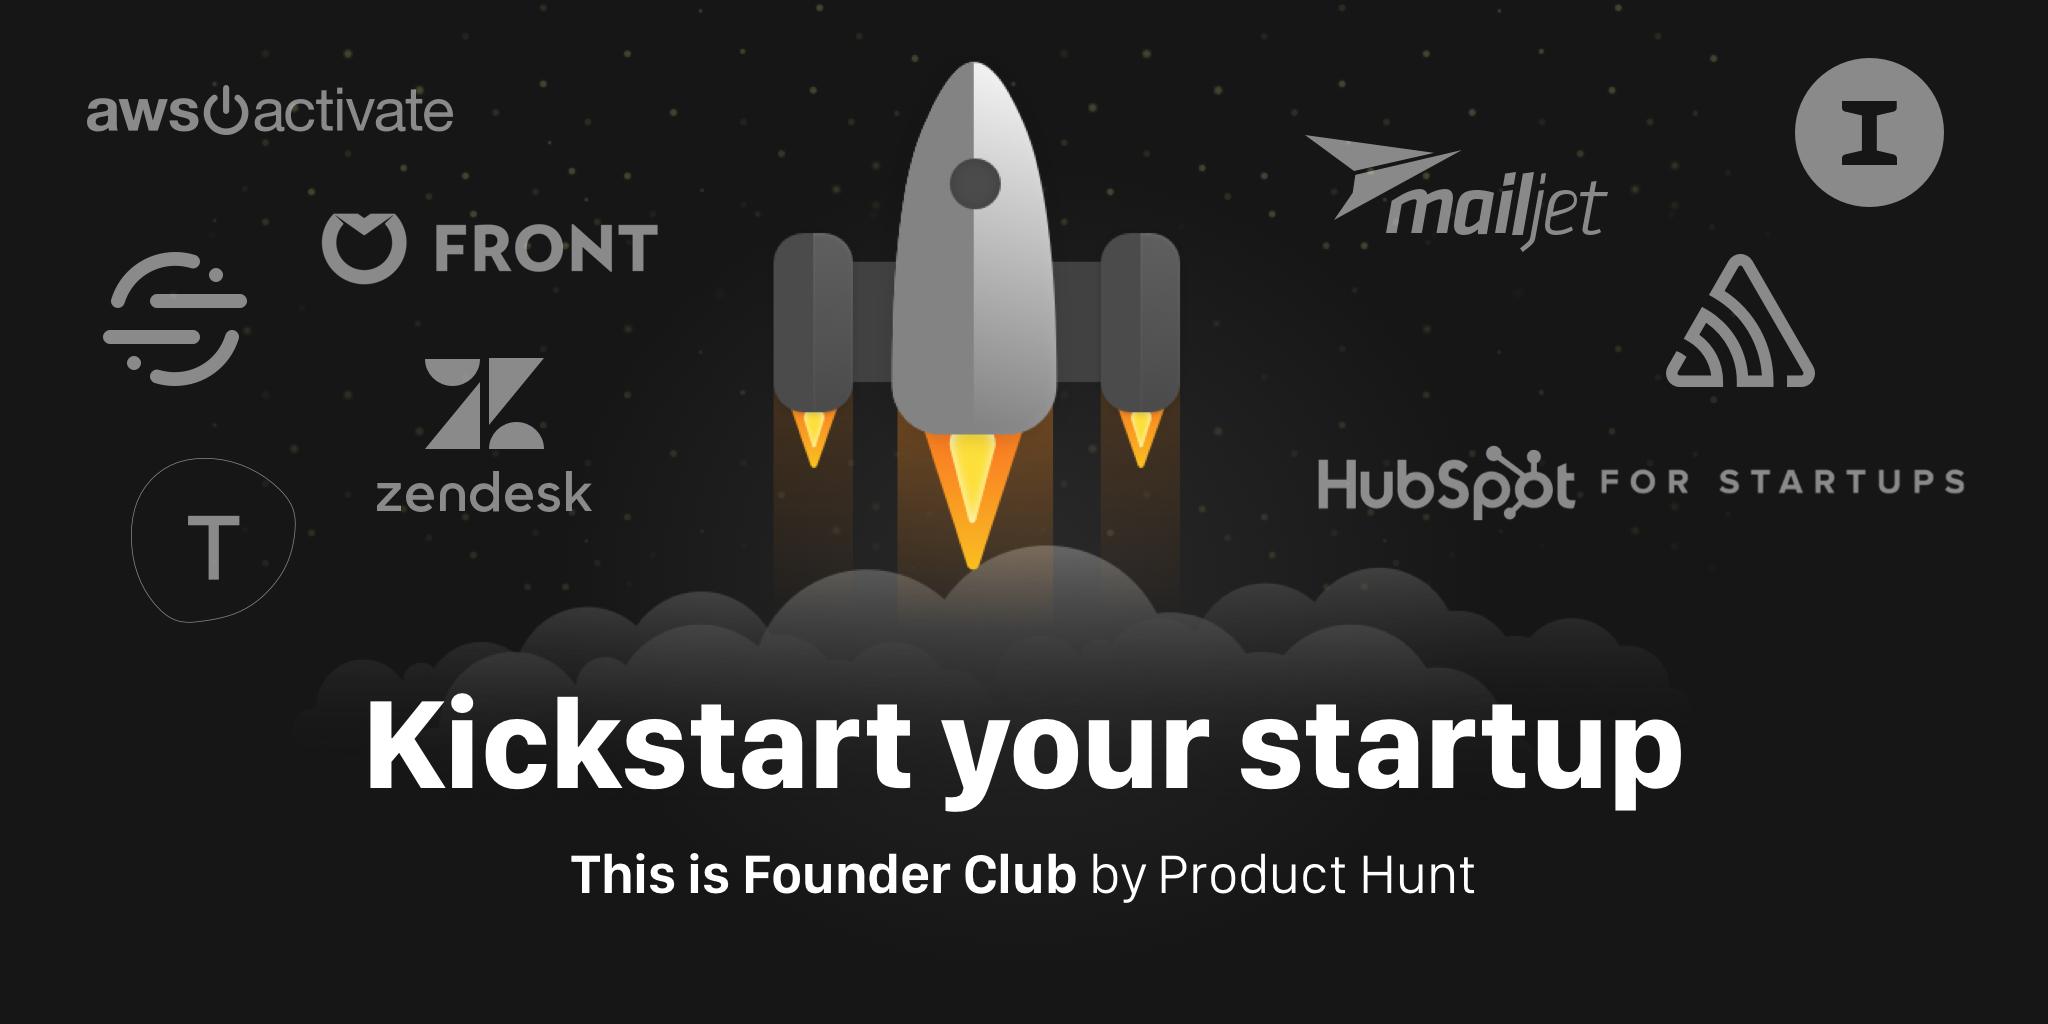 Founder Club